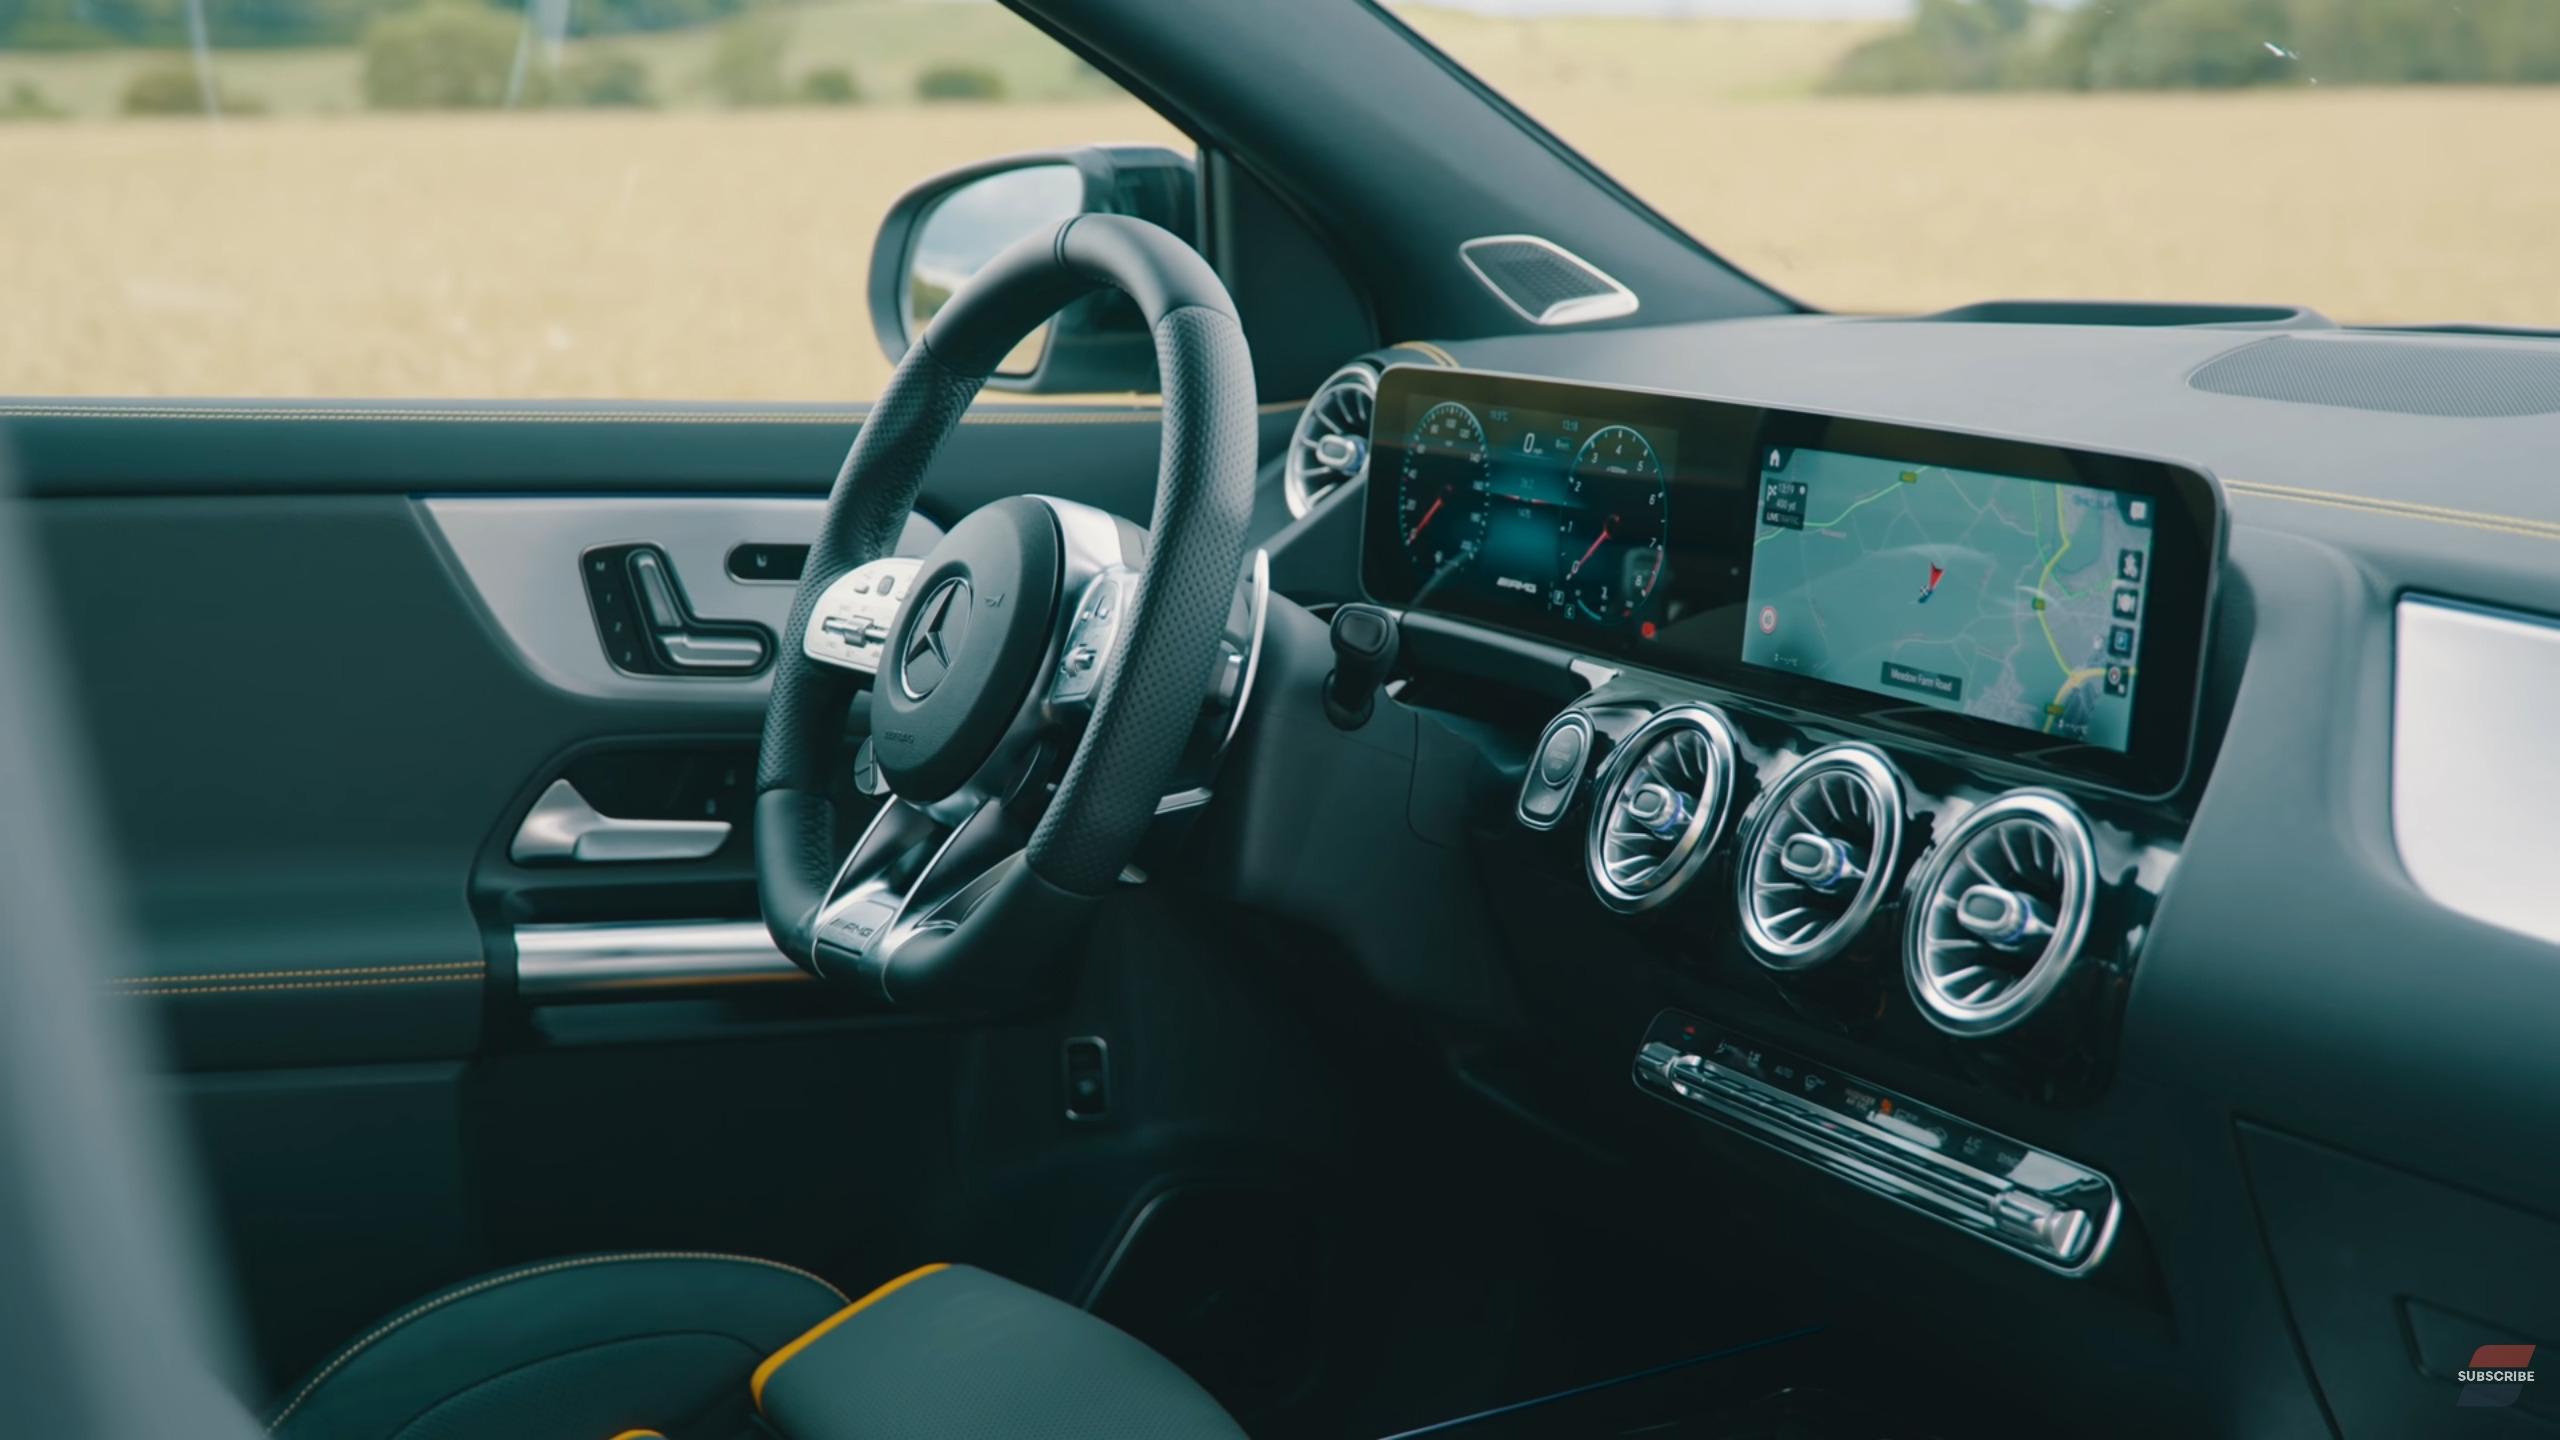 Mercedes-AMG GLA 45 S AutoTrader